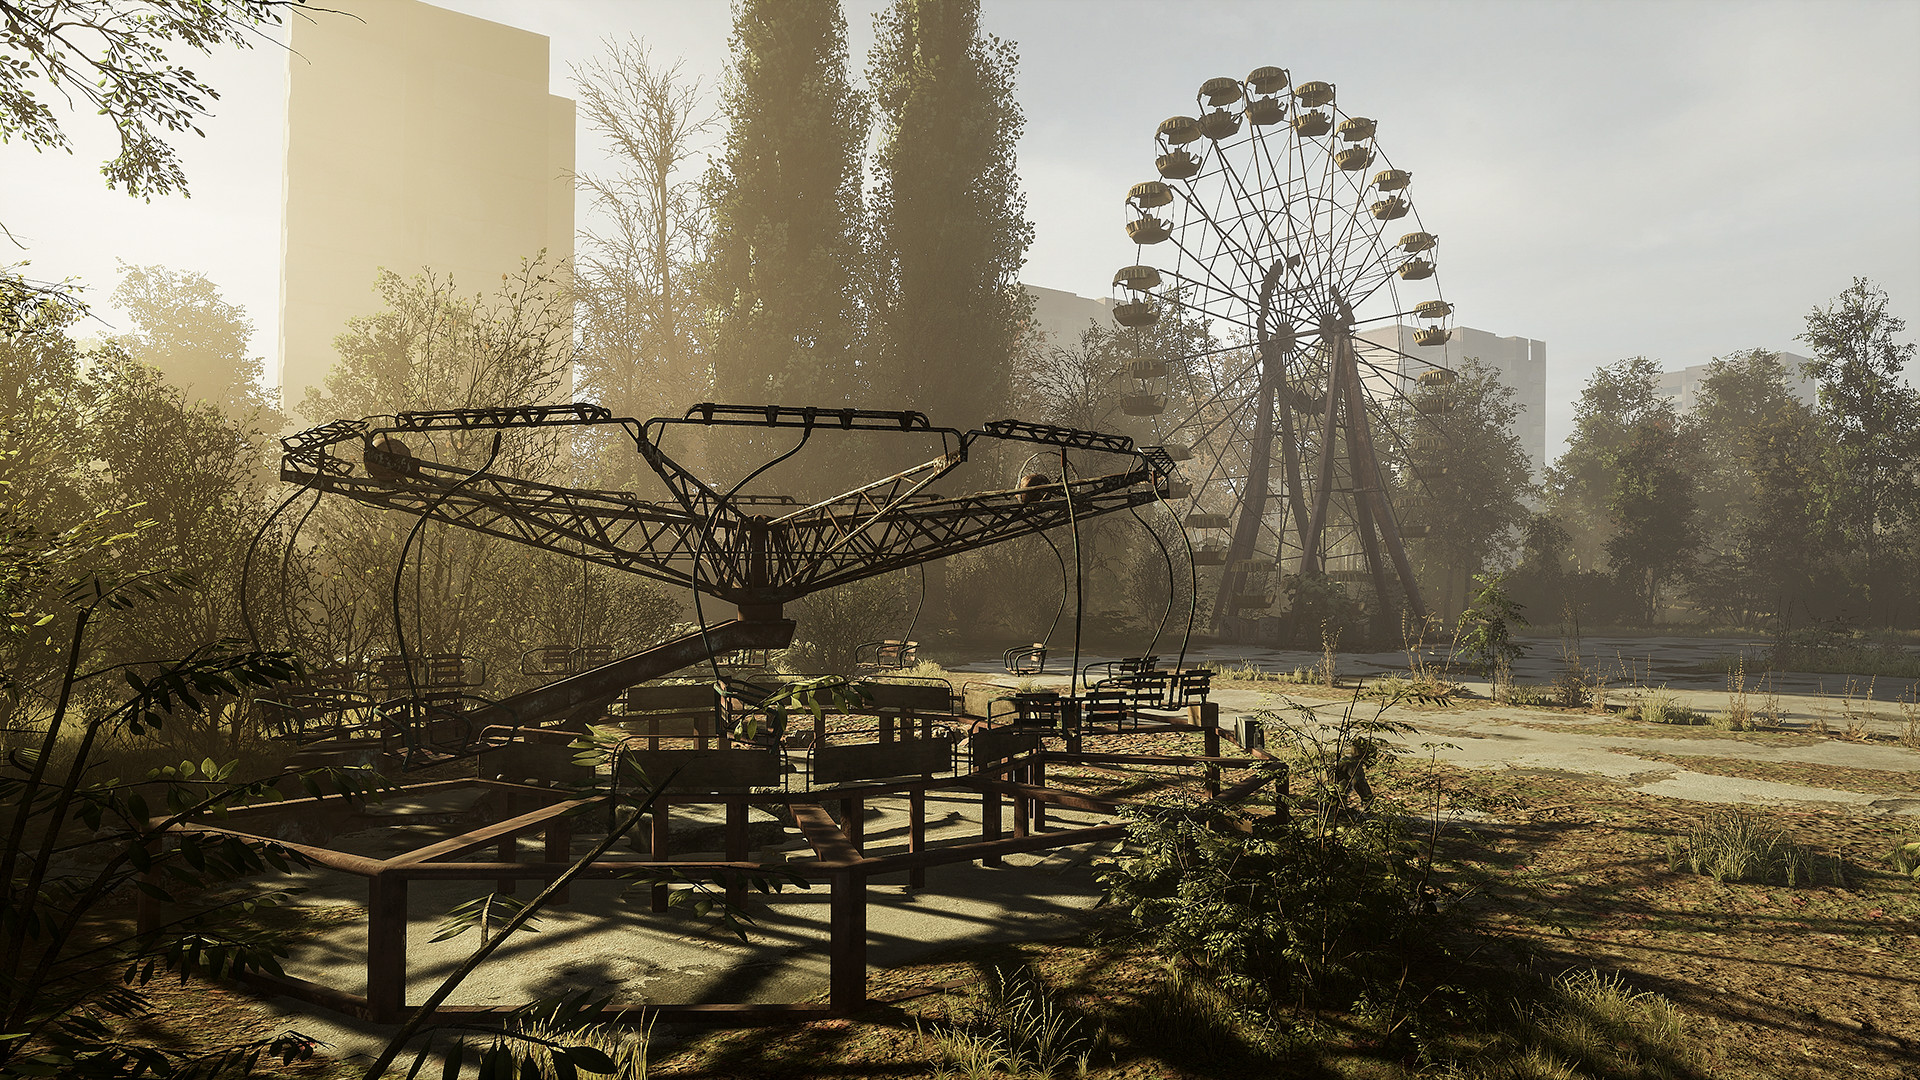 Chernobylite Cracked